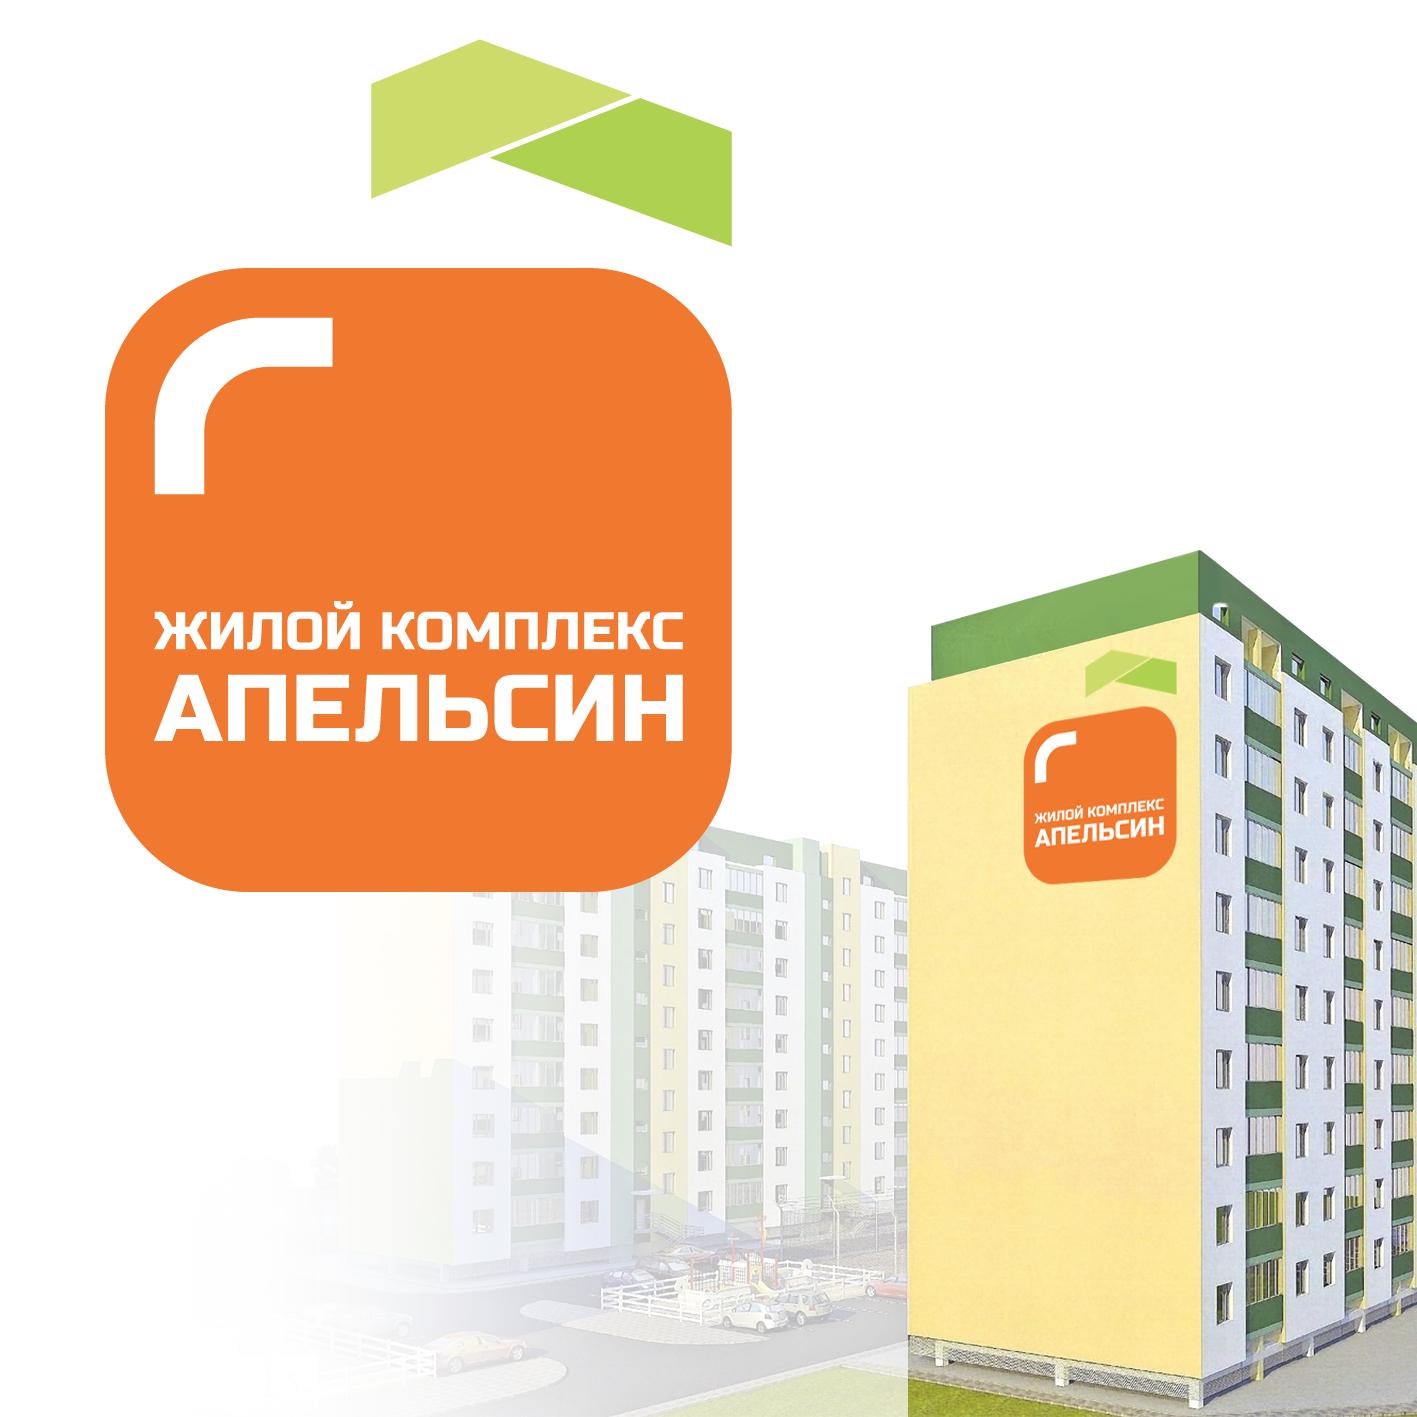 Логотип и фирменный стиль фото f_0715a5c69634c529.png